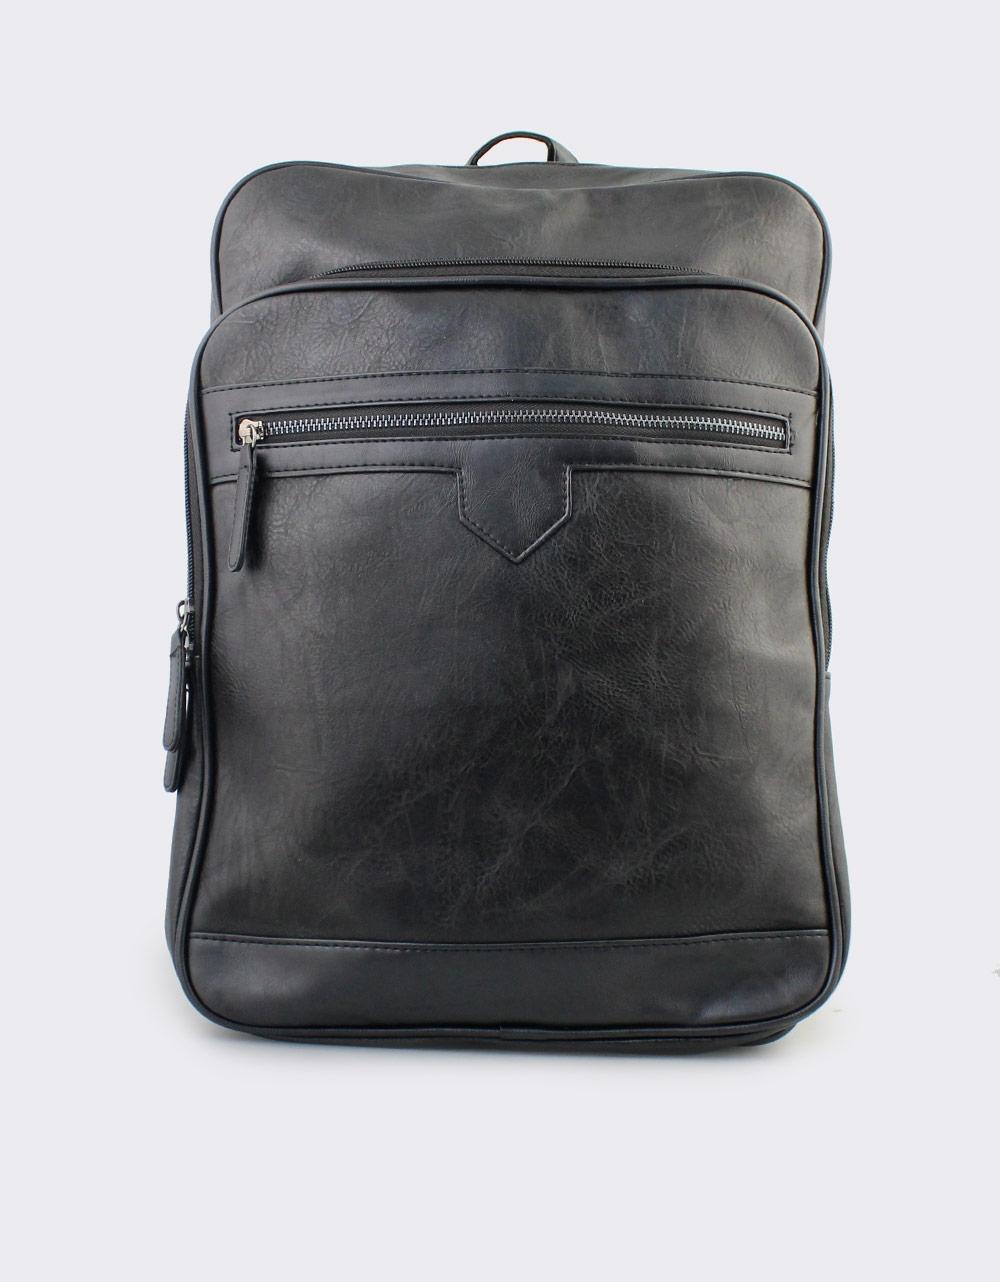 Εικόνα από Ανδρικά σακίδια πλάτης με εξωτερικά φερμουάρ Μαύρο